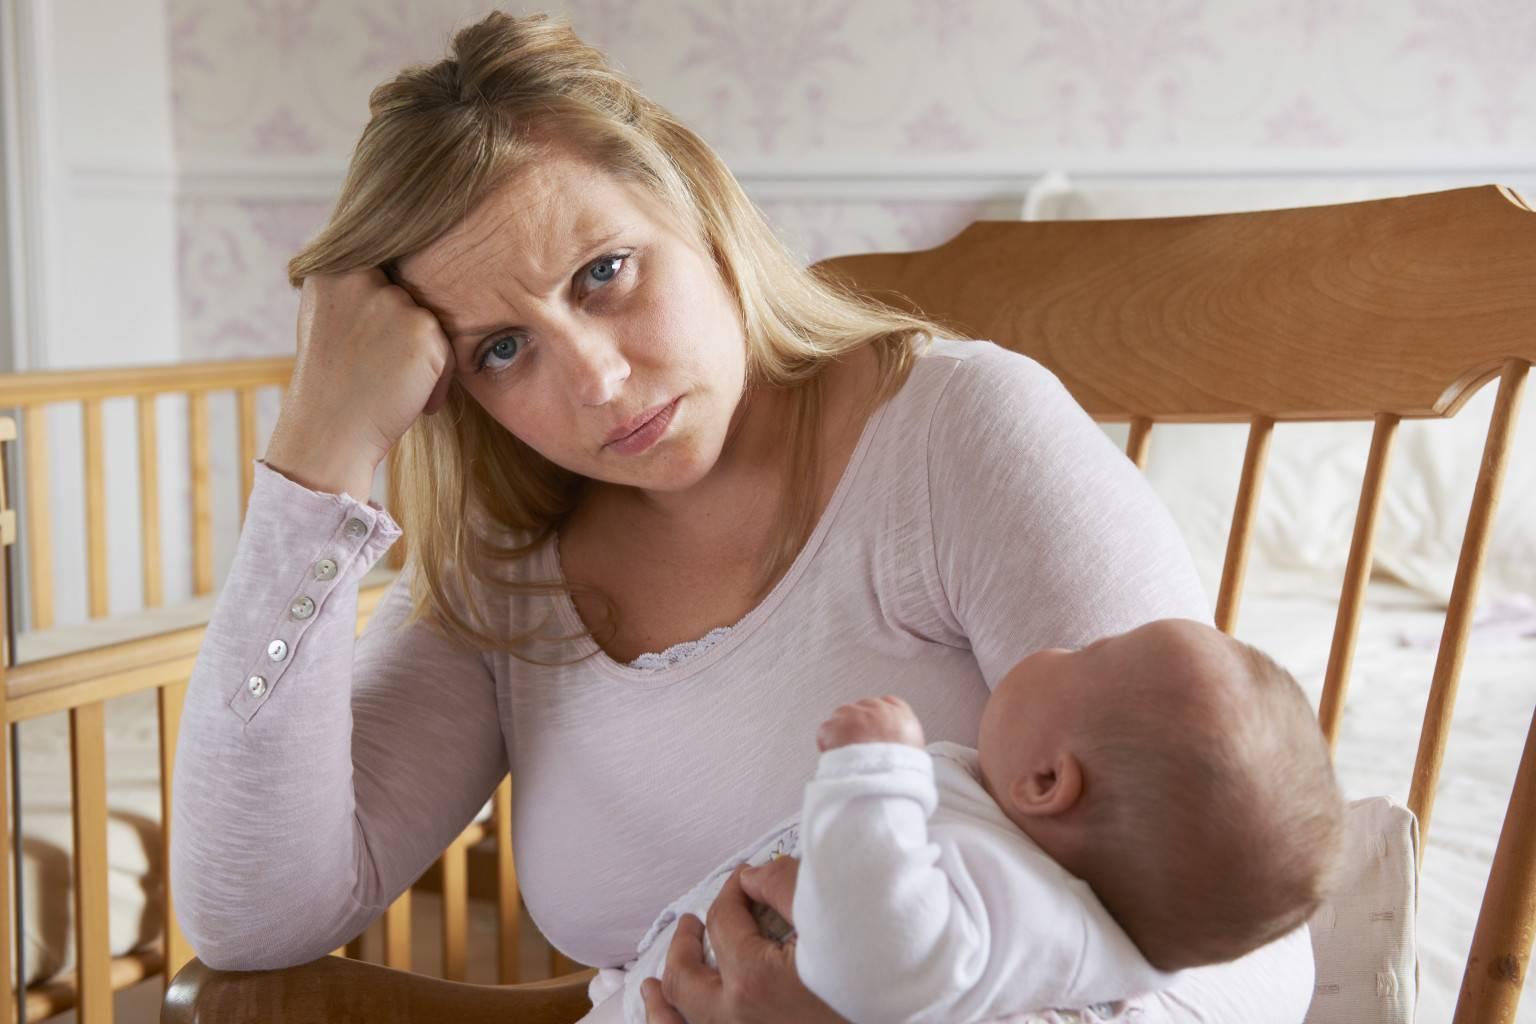 послеродовая депрессия причины